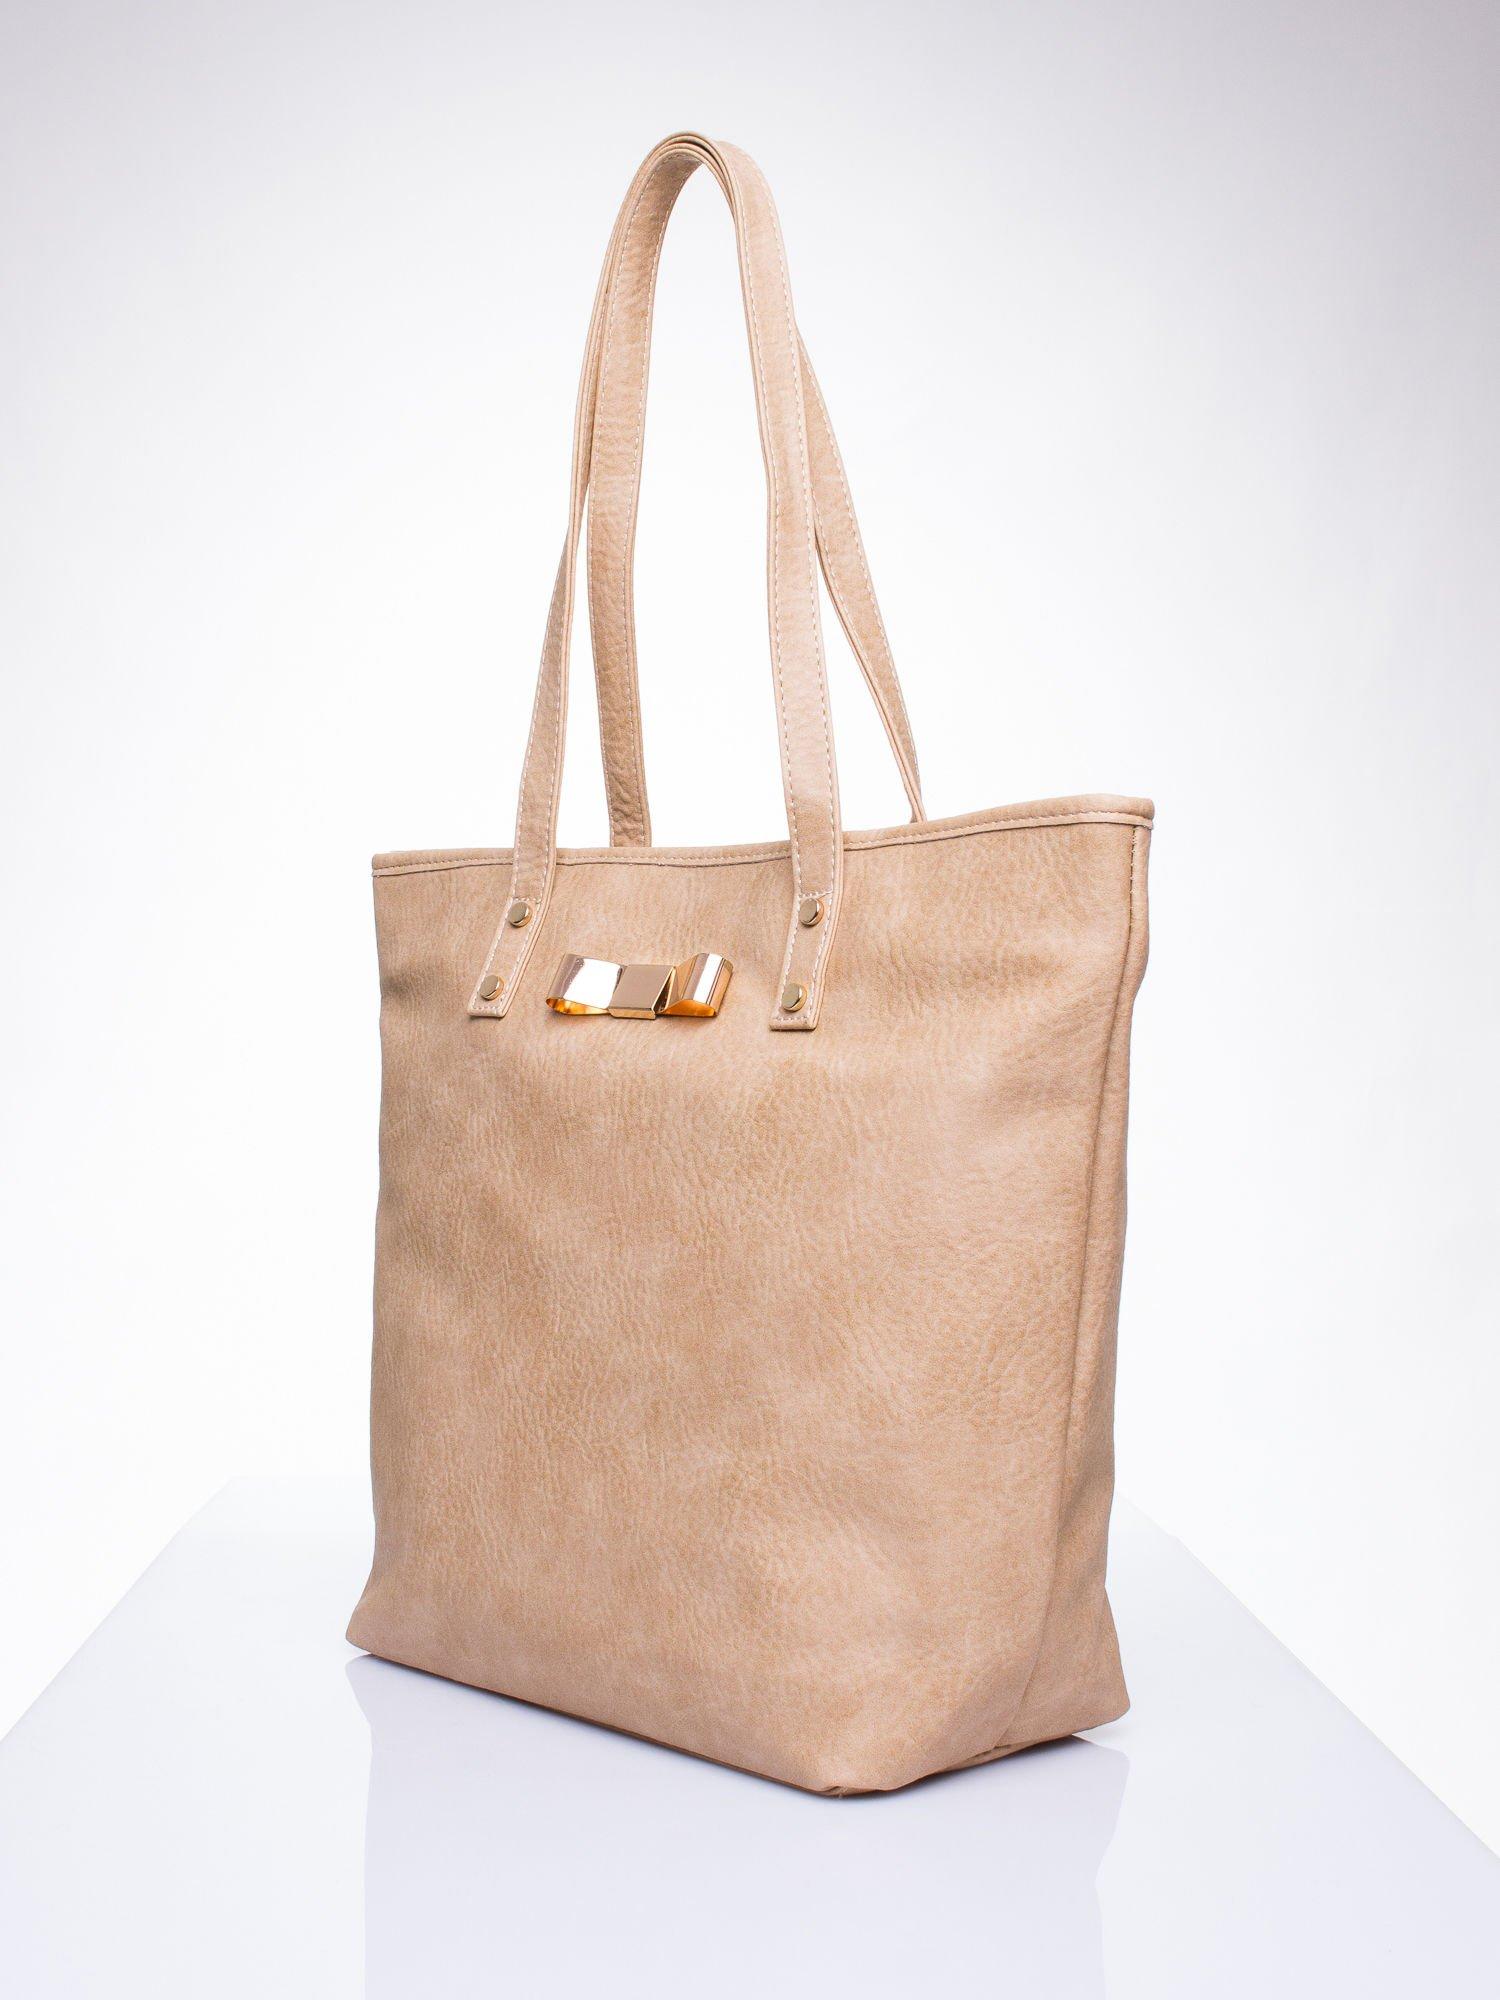 Jasnobrązowa torebka shopper bag z kokardką                                  zdj.                                  3